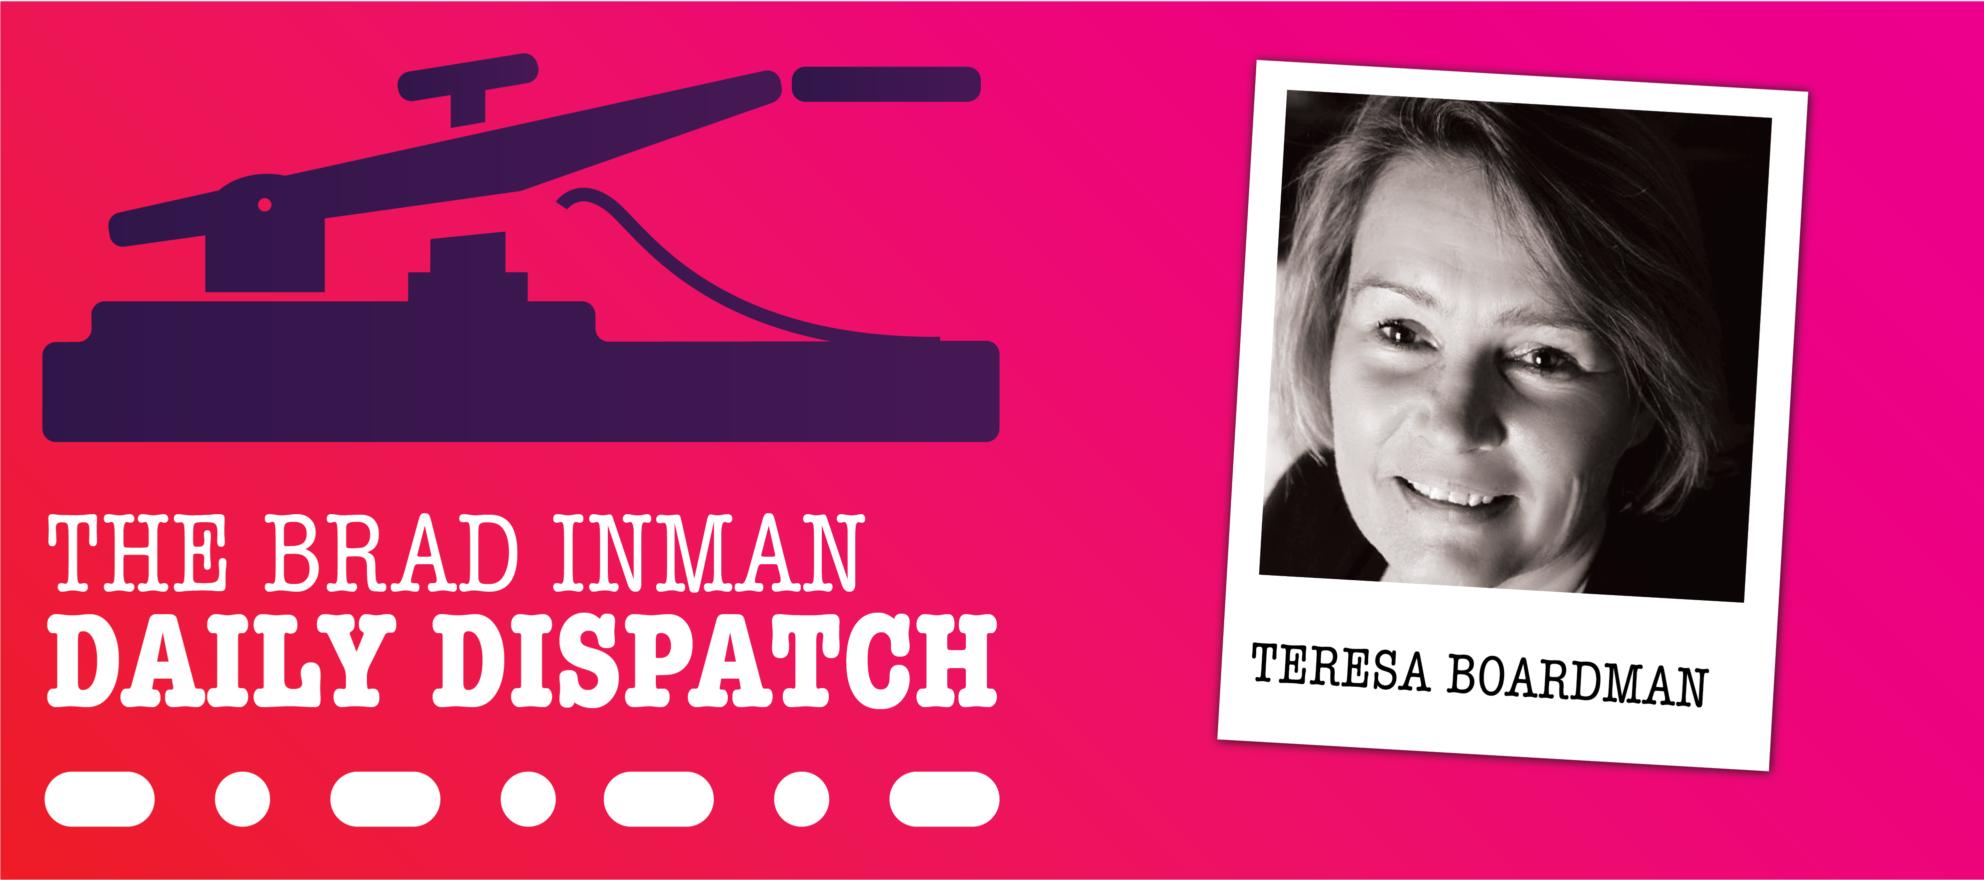 Daily Dispatch: Brad Inman and broker/owner Teresa Boardman